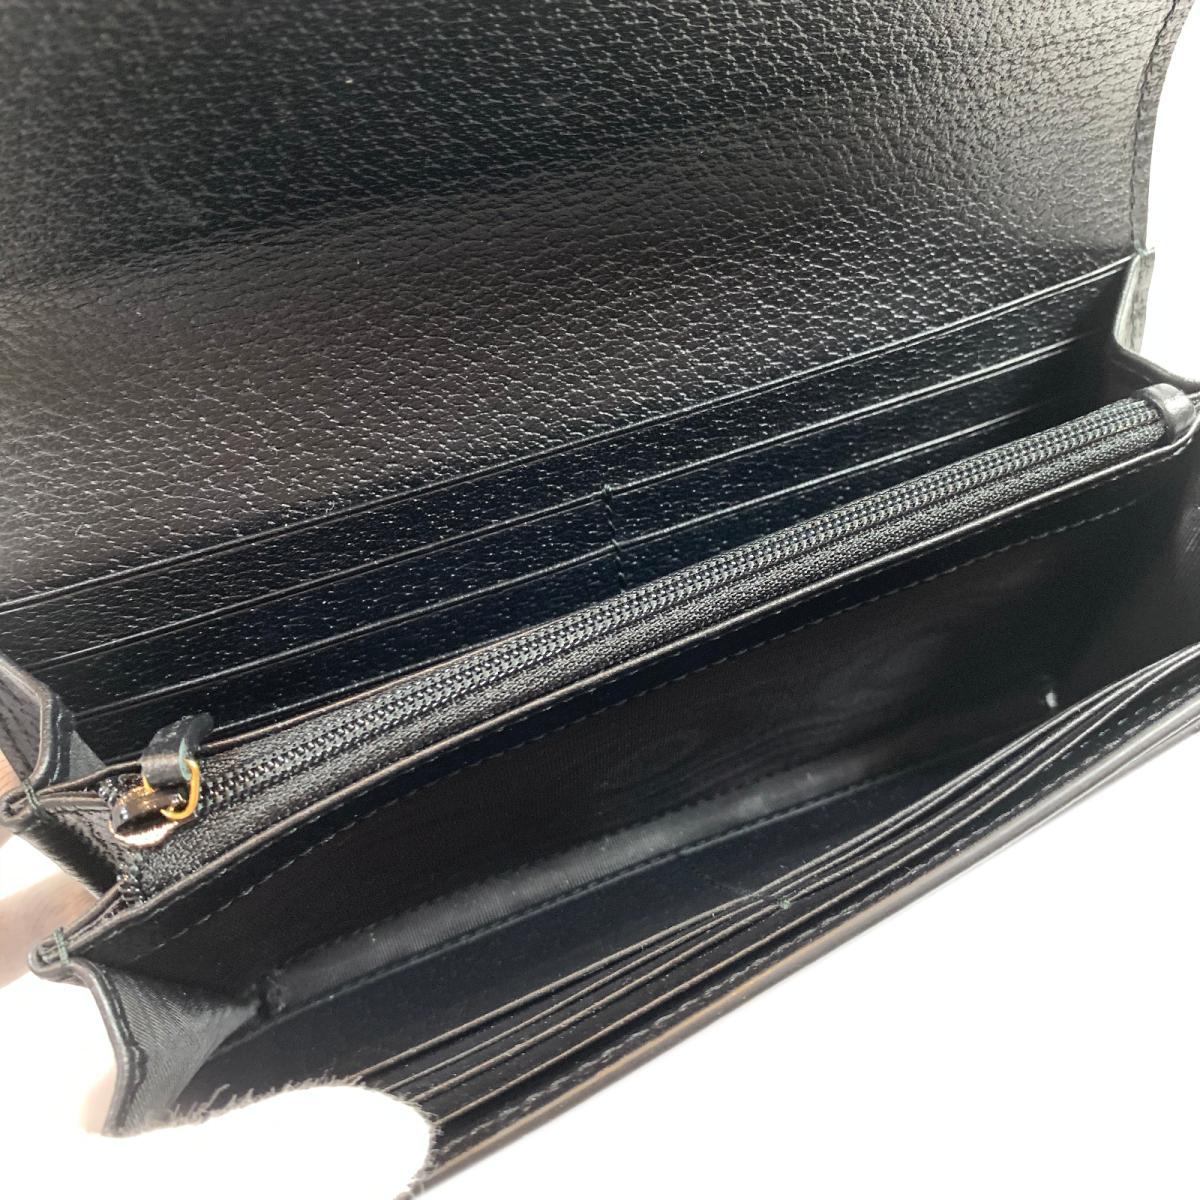 グッチ ZIP長財布 二つ折り長財布 財布 メンズ レディース レザー ブラック523153uiTOXZPk